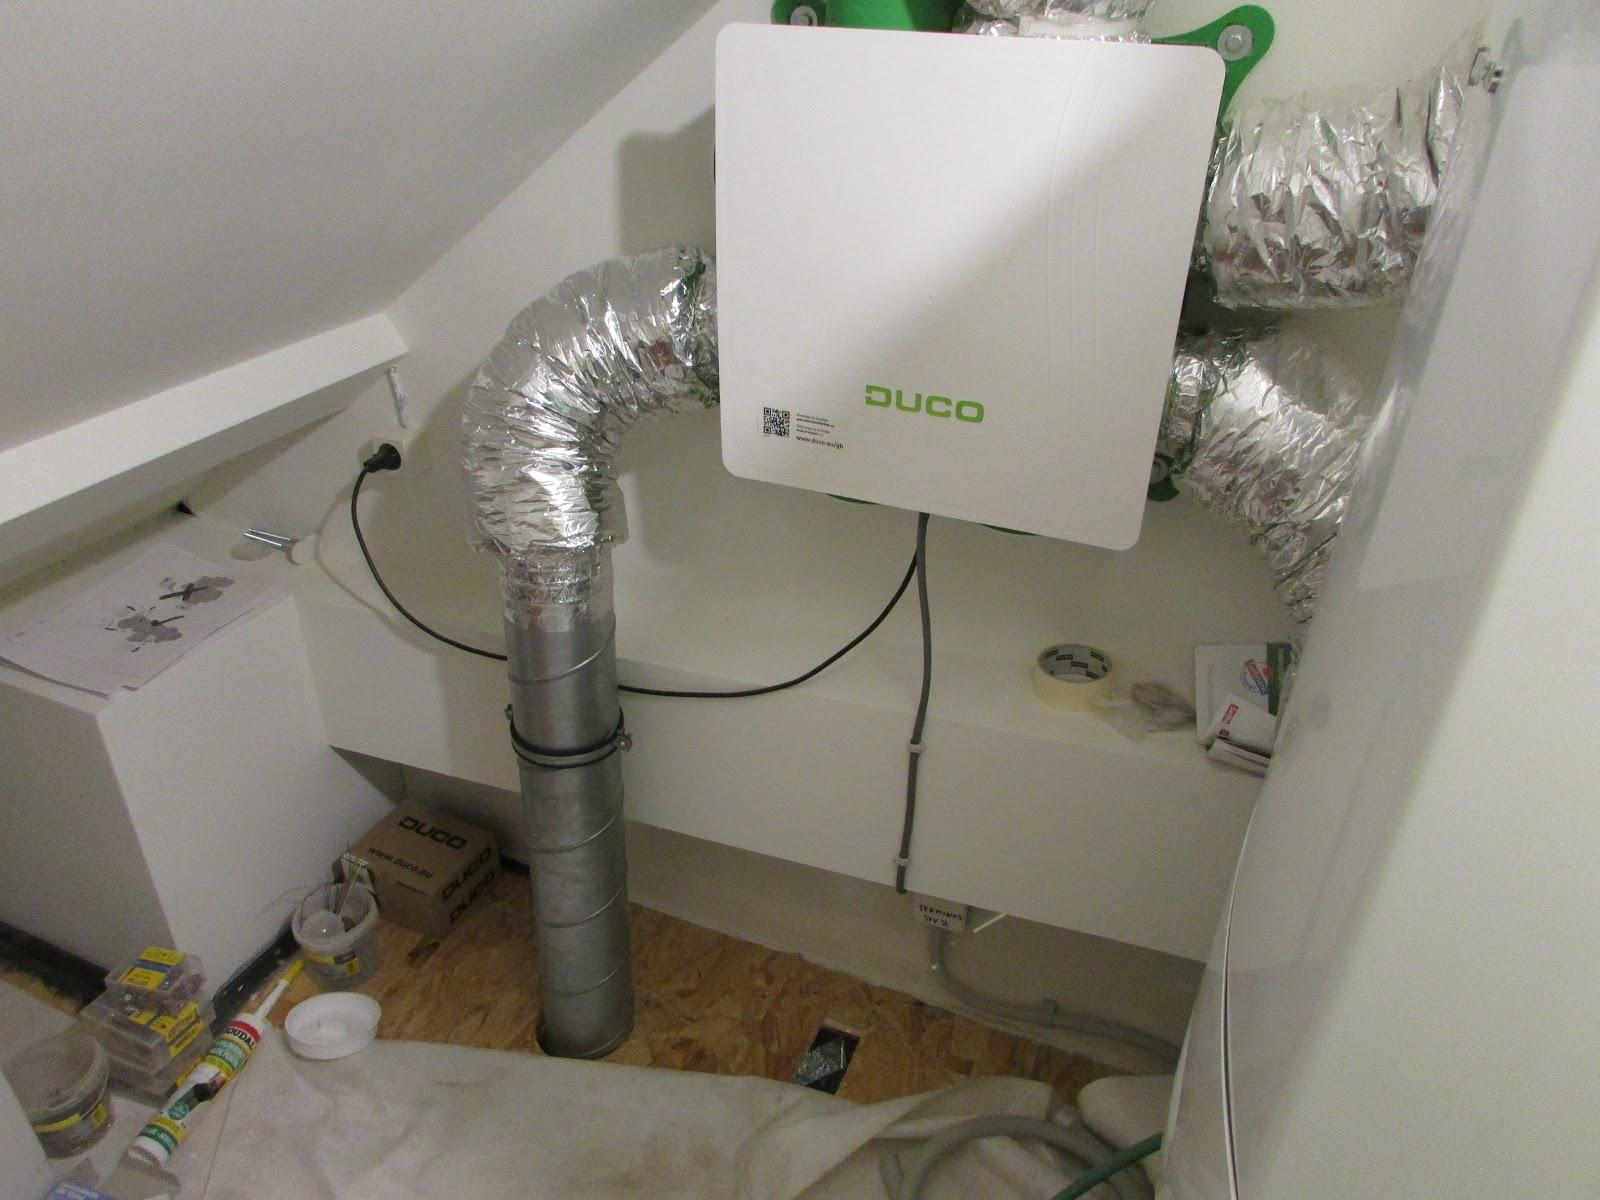 verbouwing van ons ouderlijk huis: ventilatie badkamer